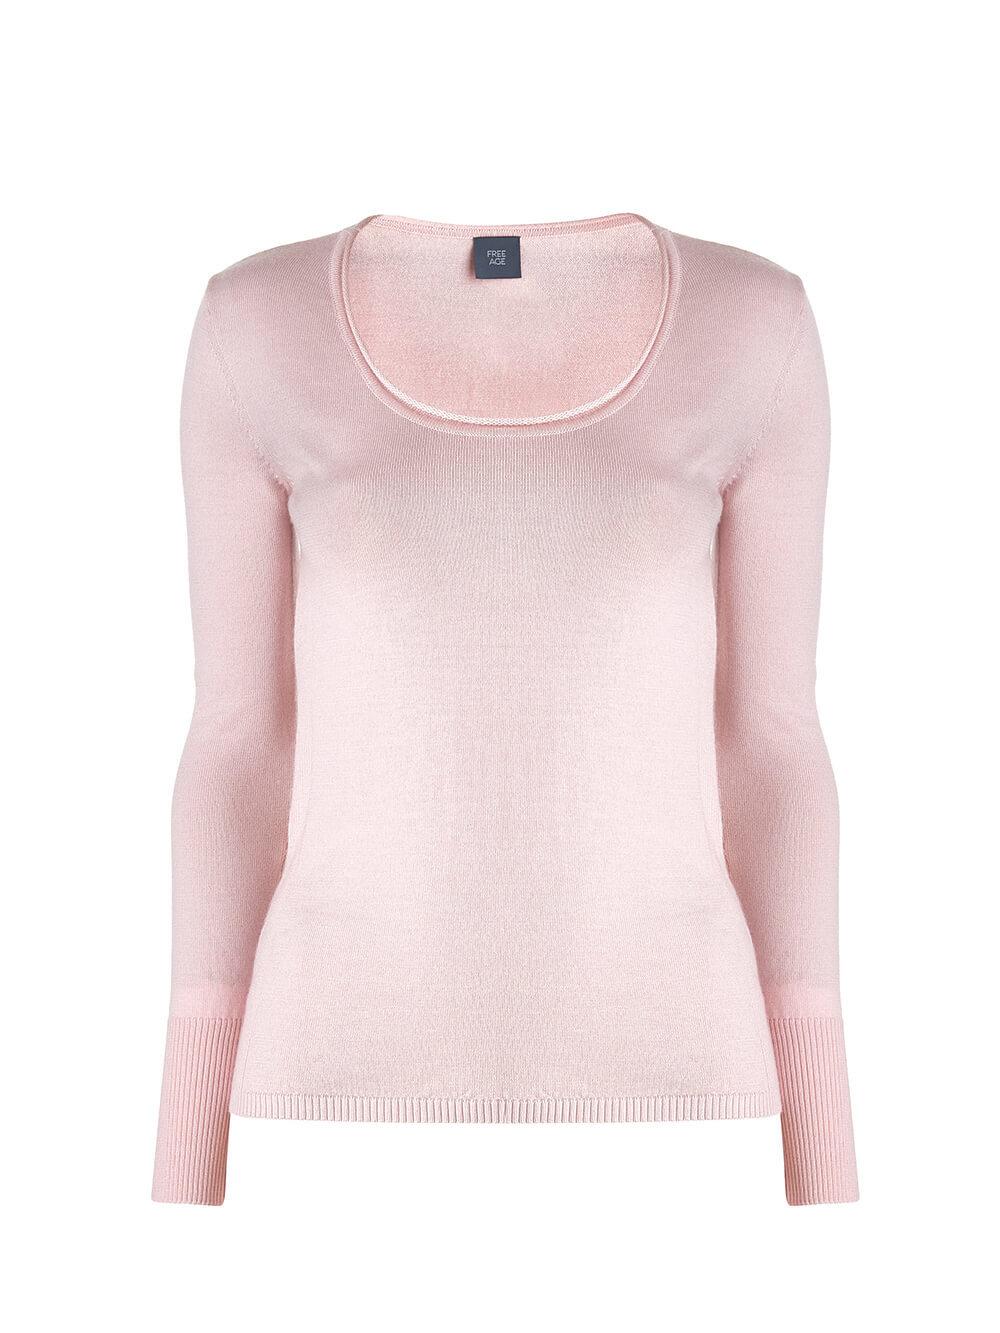 Женский джемпер светло-розового цвета из 100% кашемира - фото 1